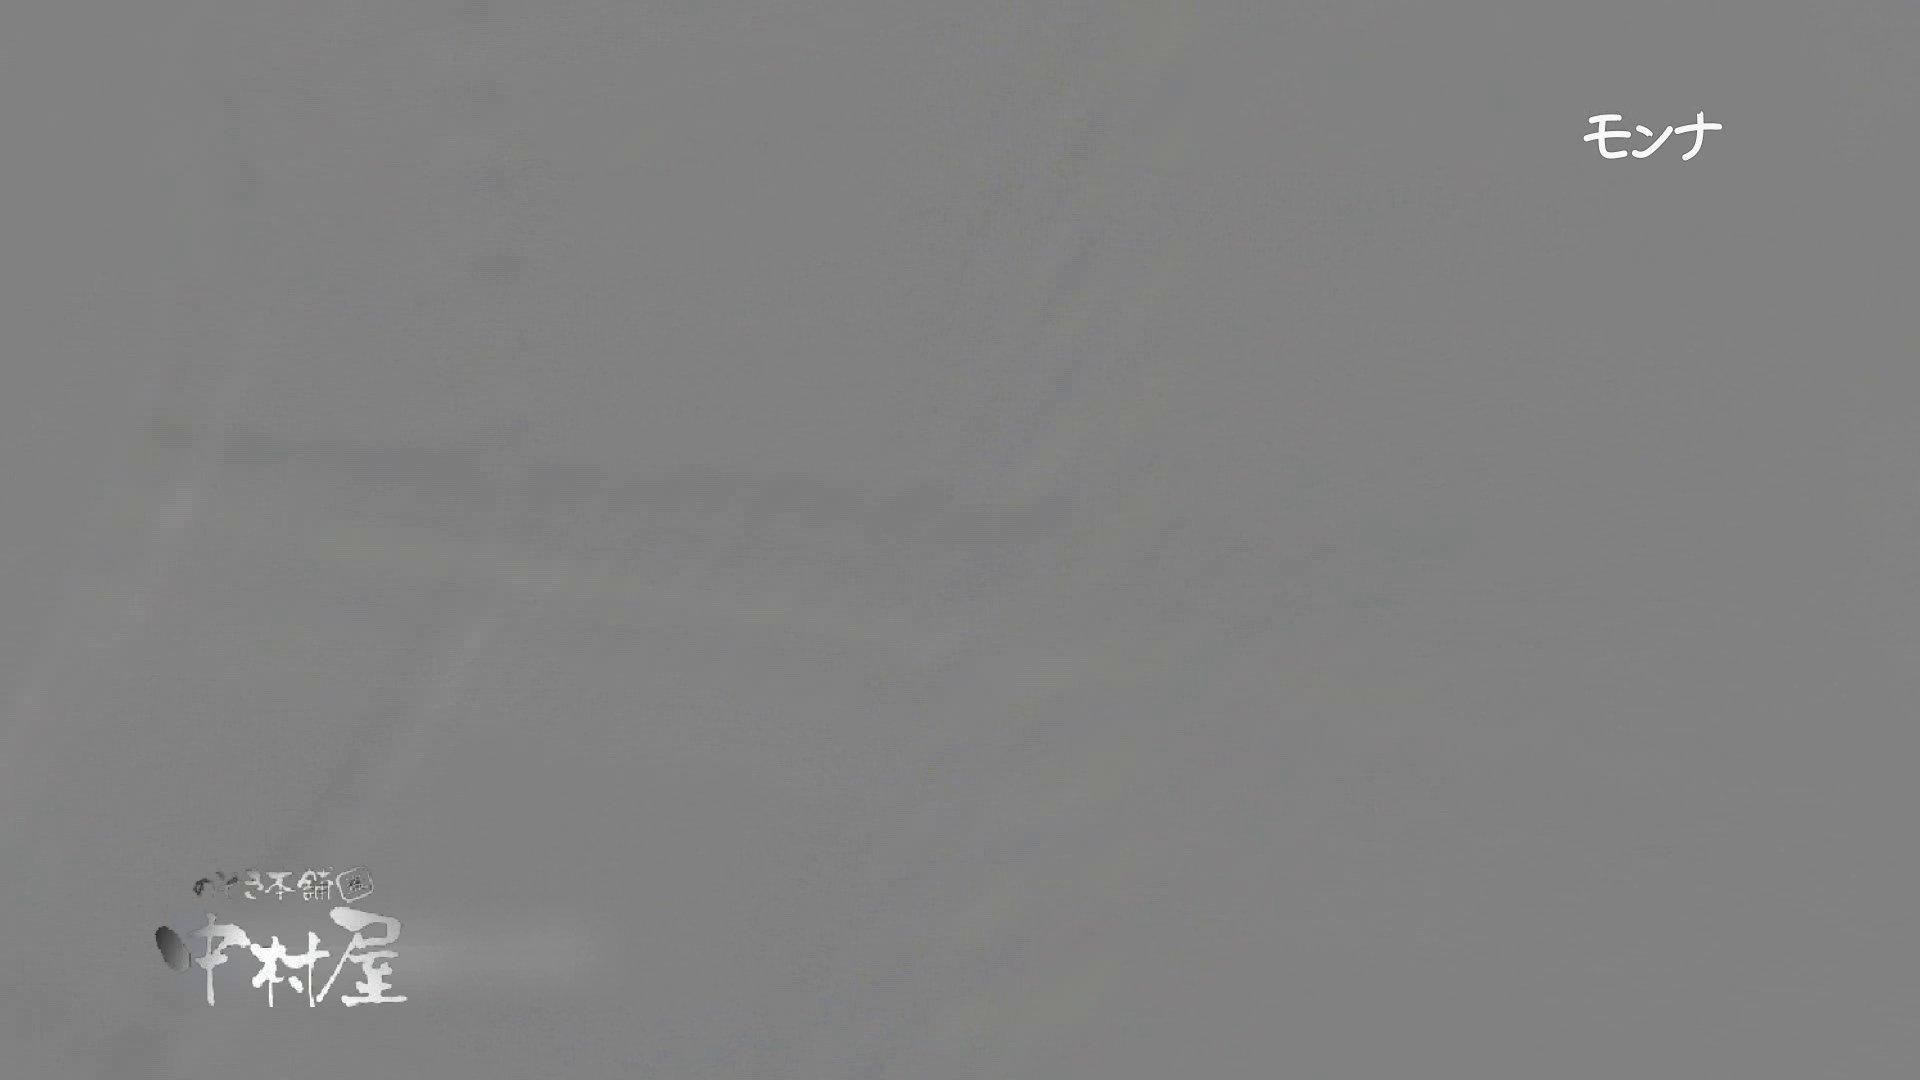 【美しい日本の未来】新学期!!下半身中心に攻めてます美女可愛い女子悪戯盗satuトイレ後編 悪戯 | 下半身  25連発 17